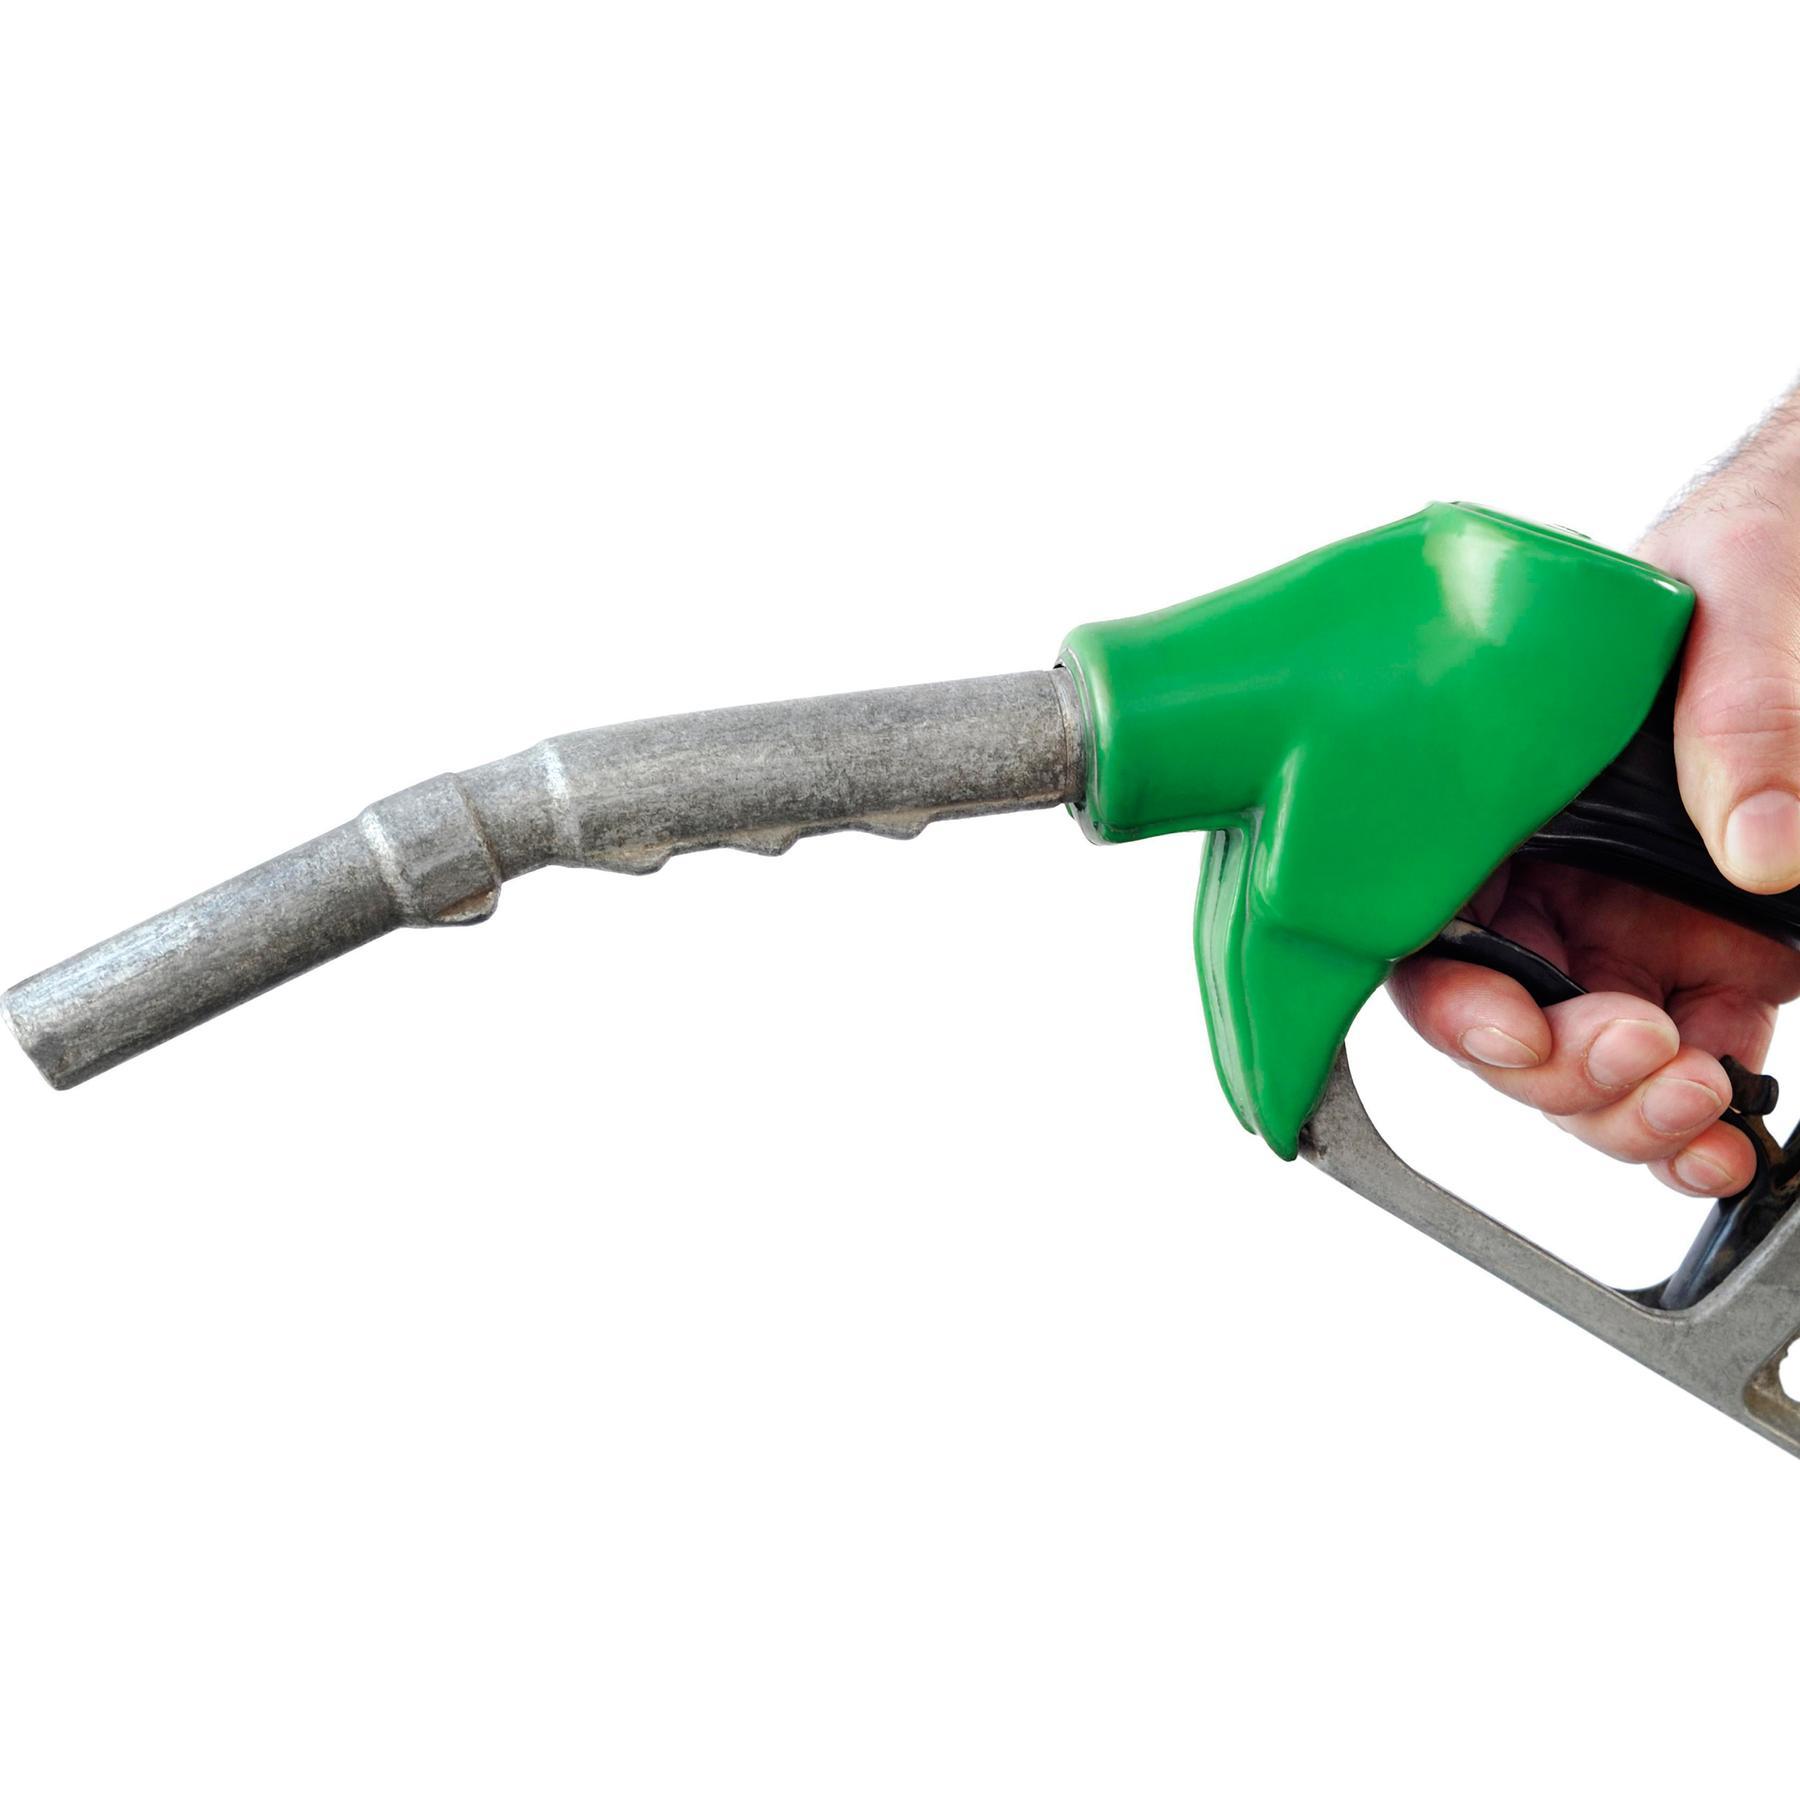 Grüne Kraftstoffe - Heilsbringer für Verbrennungsmotoren?